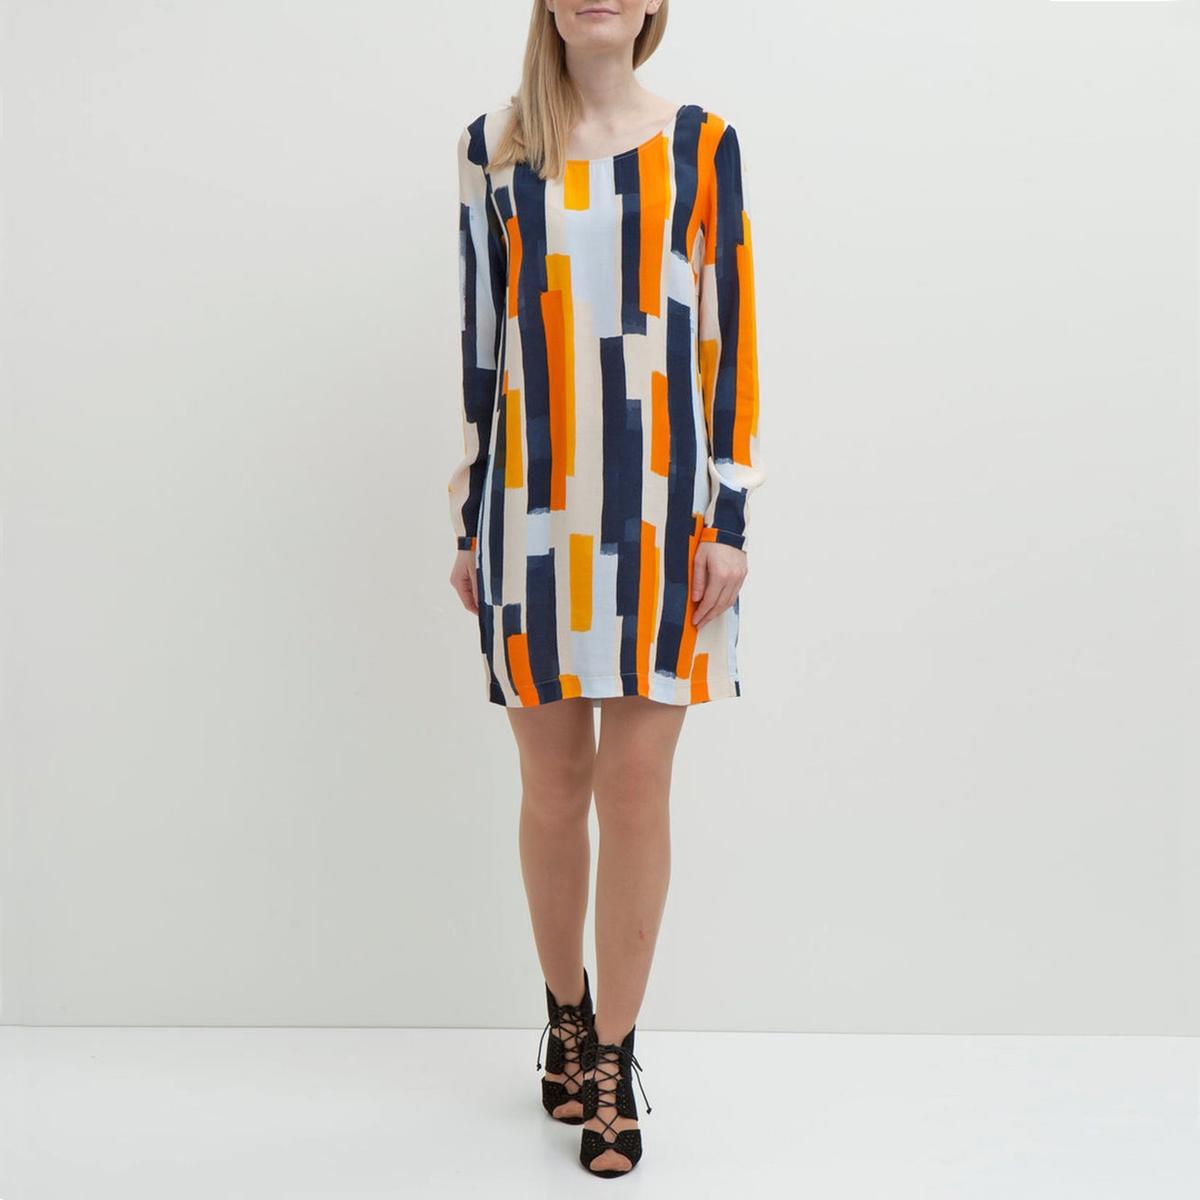 Платье с рисунком и длинными рукавамиМатериал : 100% вискоза  Длина рукава : Длинные рукава  Форма воротника : Круглый вырез Покрой платья : платье прямого покроя  Рисунок : принт.   Длина платья : короткое.<br><br>Цвет: оранжевый/ синий<br>Размер: M